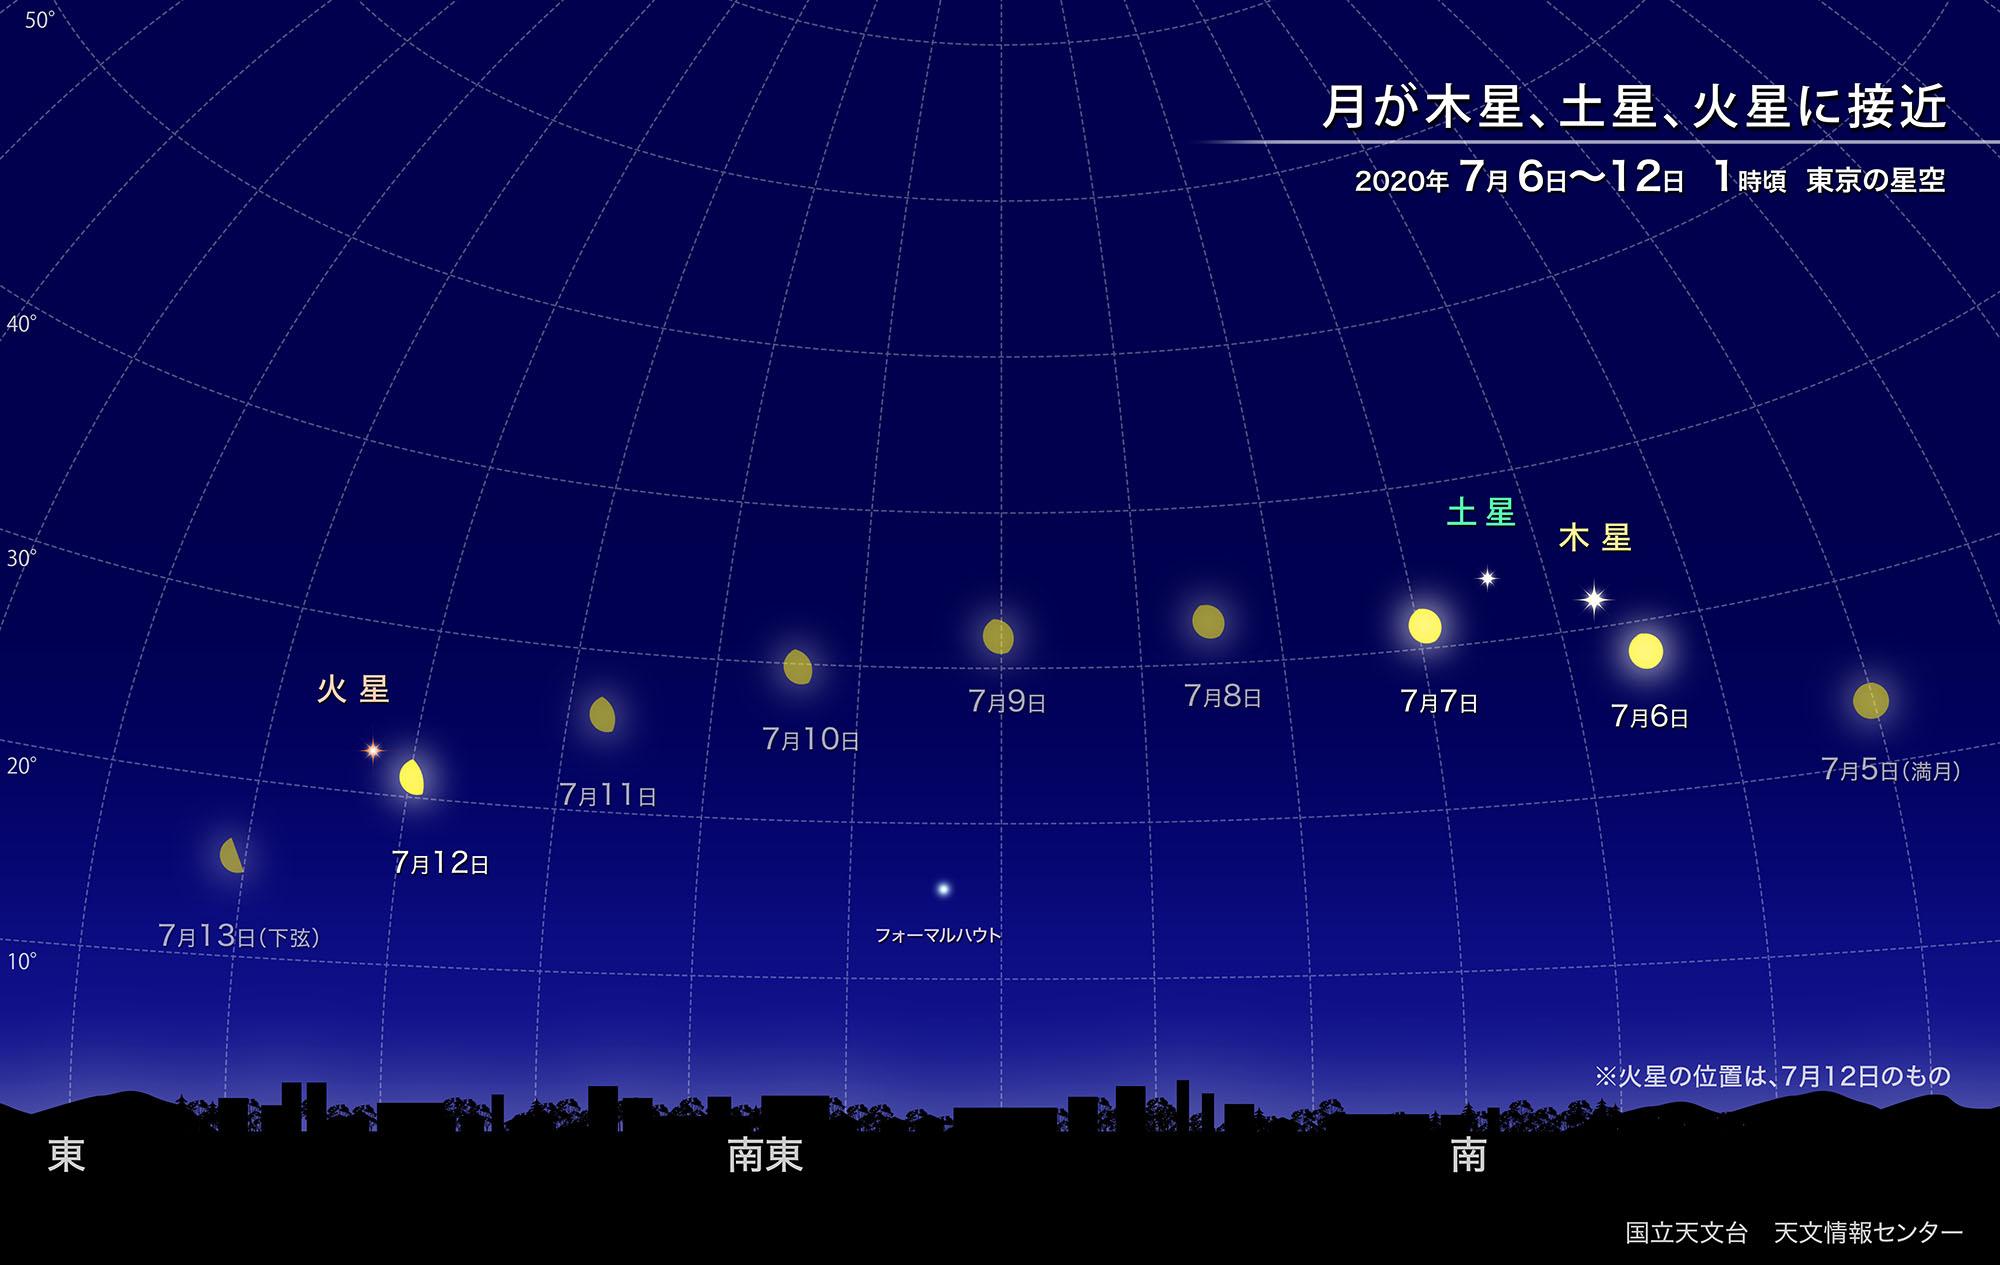 月が木星、土星、火星に接近(2020年7月) | 国立天文台(NAOJ)